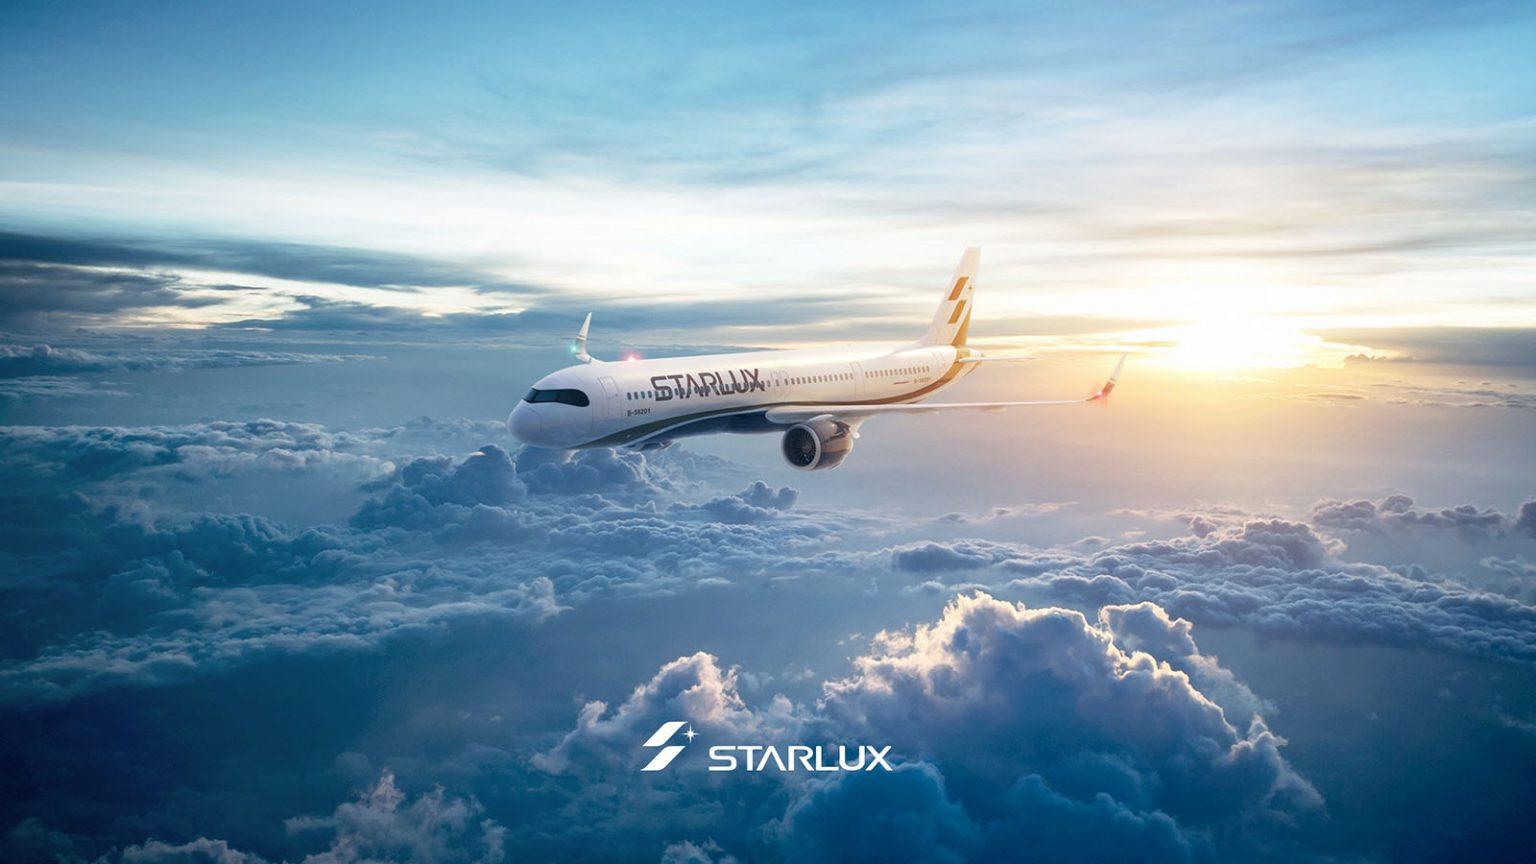 Văn phòng STARLUX tại Đà Nẵng bắt đầu bán vé máy bay từ ngày 22/01/2020